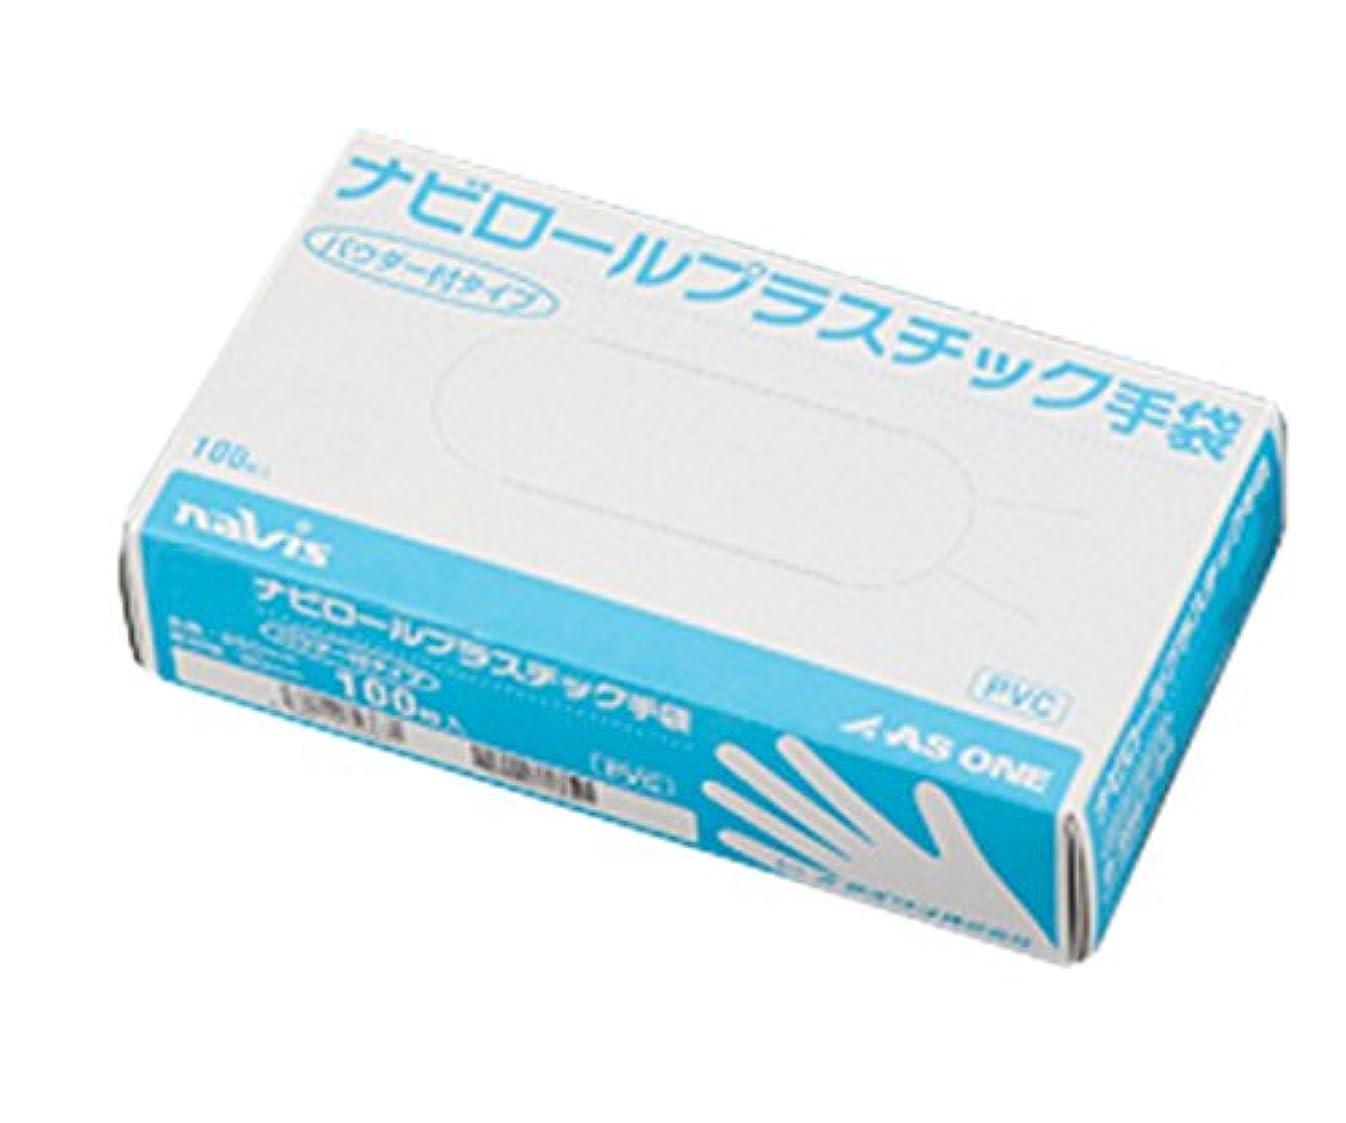 イライラする変成器ワードローブアズワン ナビロールプラスチック手袋(パウダー付き) S 100枚入 /0-9867-03